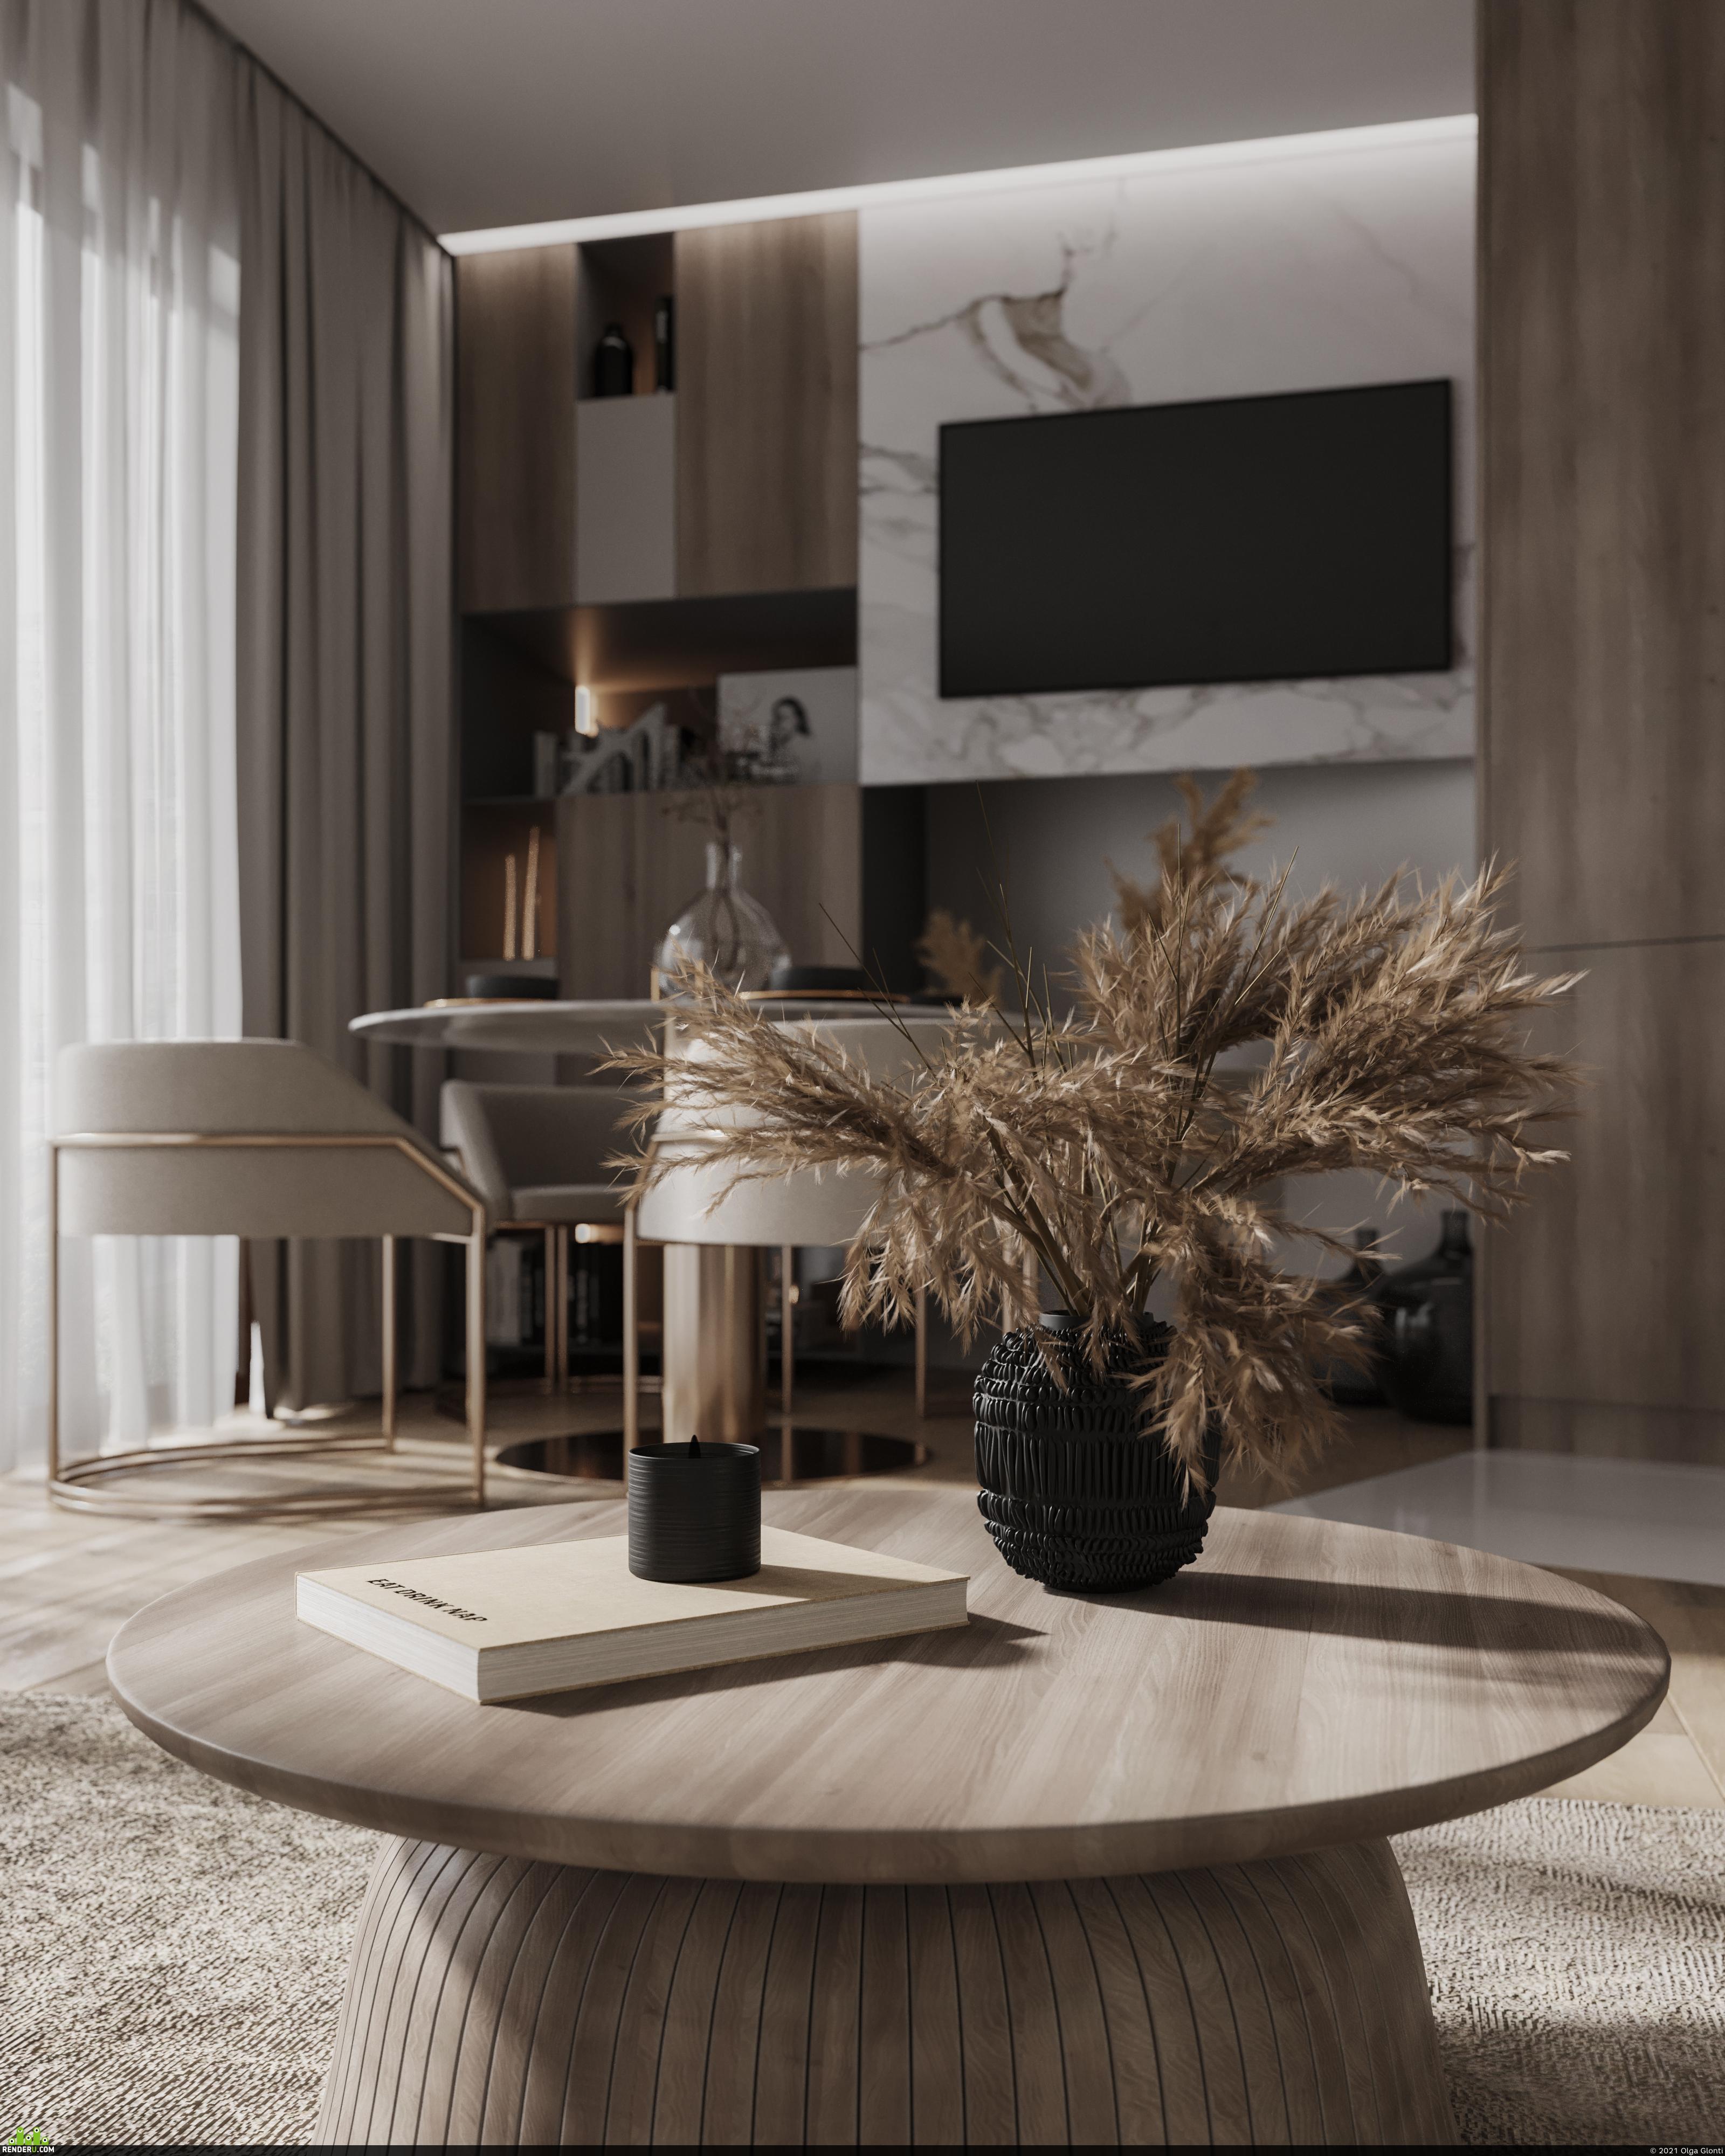 preview Triangular livingroom